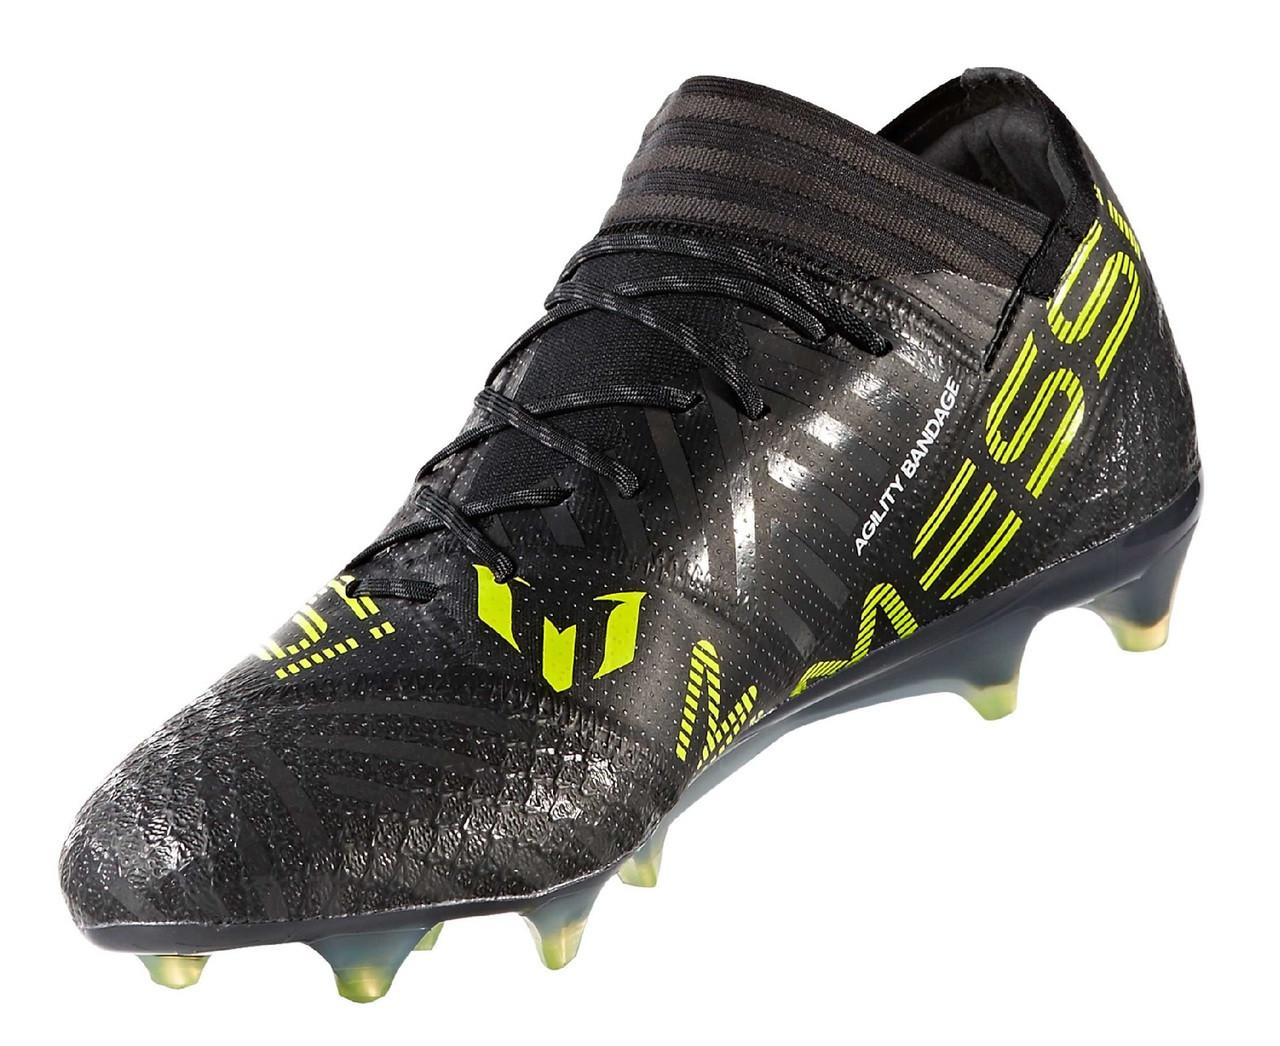 quality design 729a7 e28fe adidas Nemeziz 17.1 FG - Core Black White Solar Yellow (110618) - ohp soccer